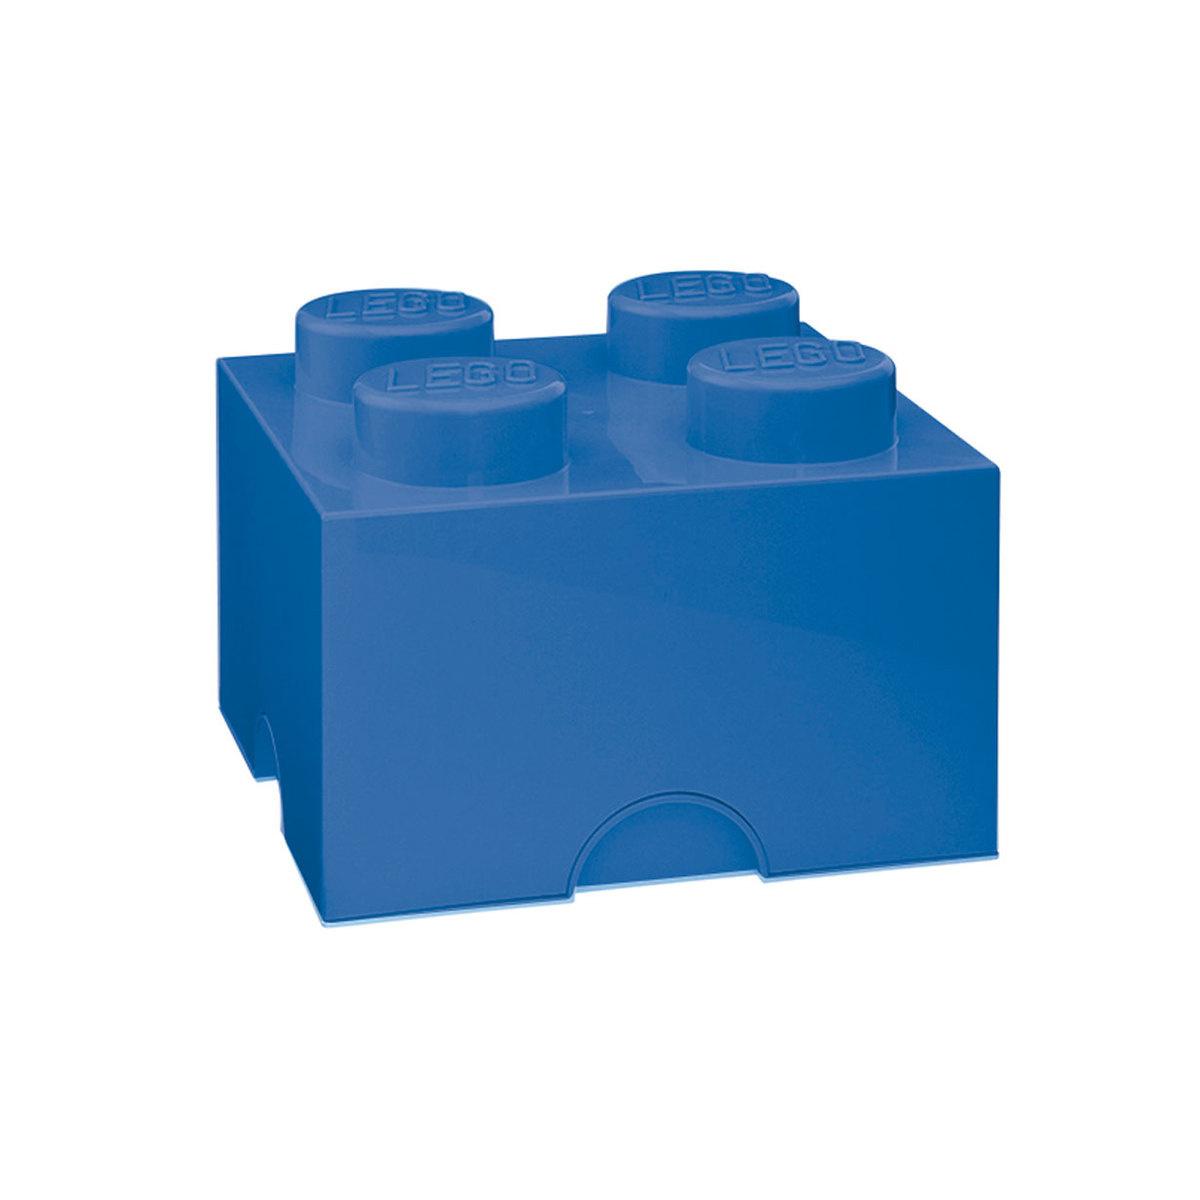 Contenitore lego quadrato by lego lovethesign for Sede lego danimarca